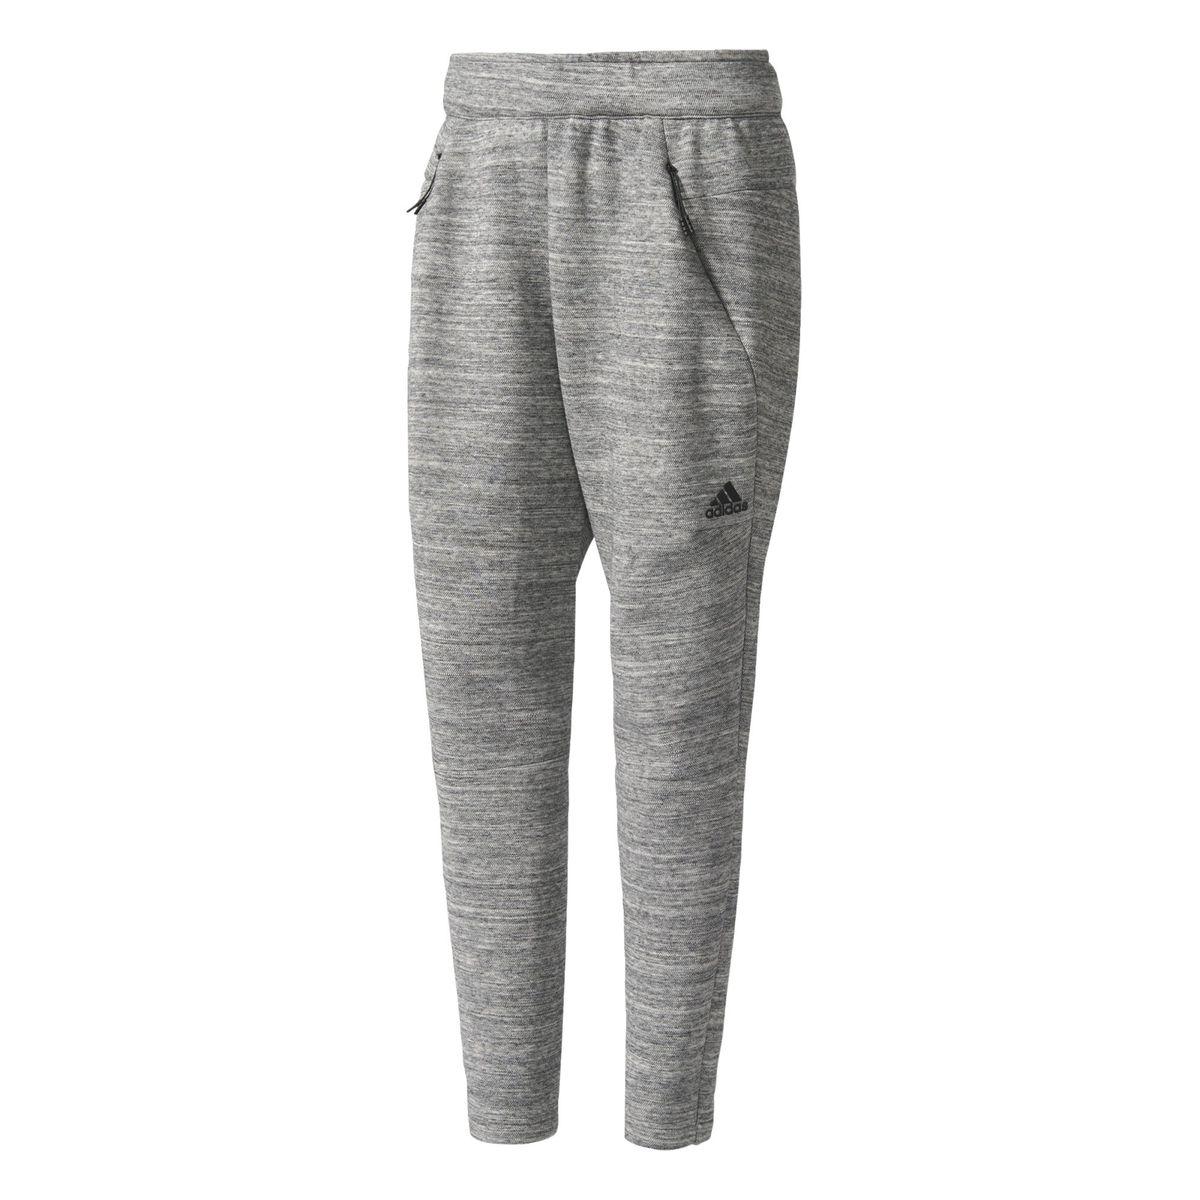 Pantalon Travel adidas Z.N.E